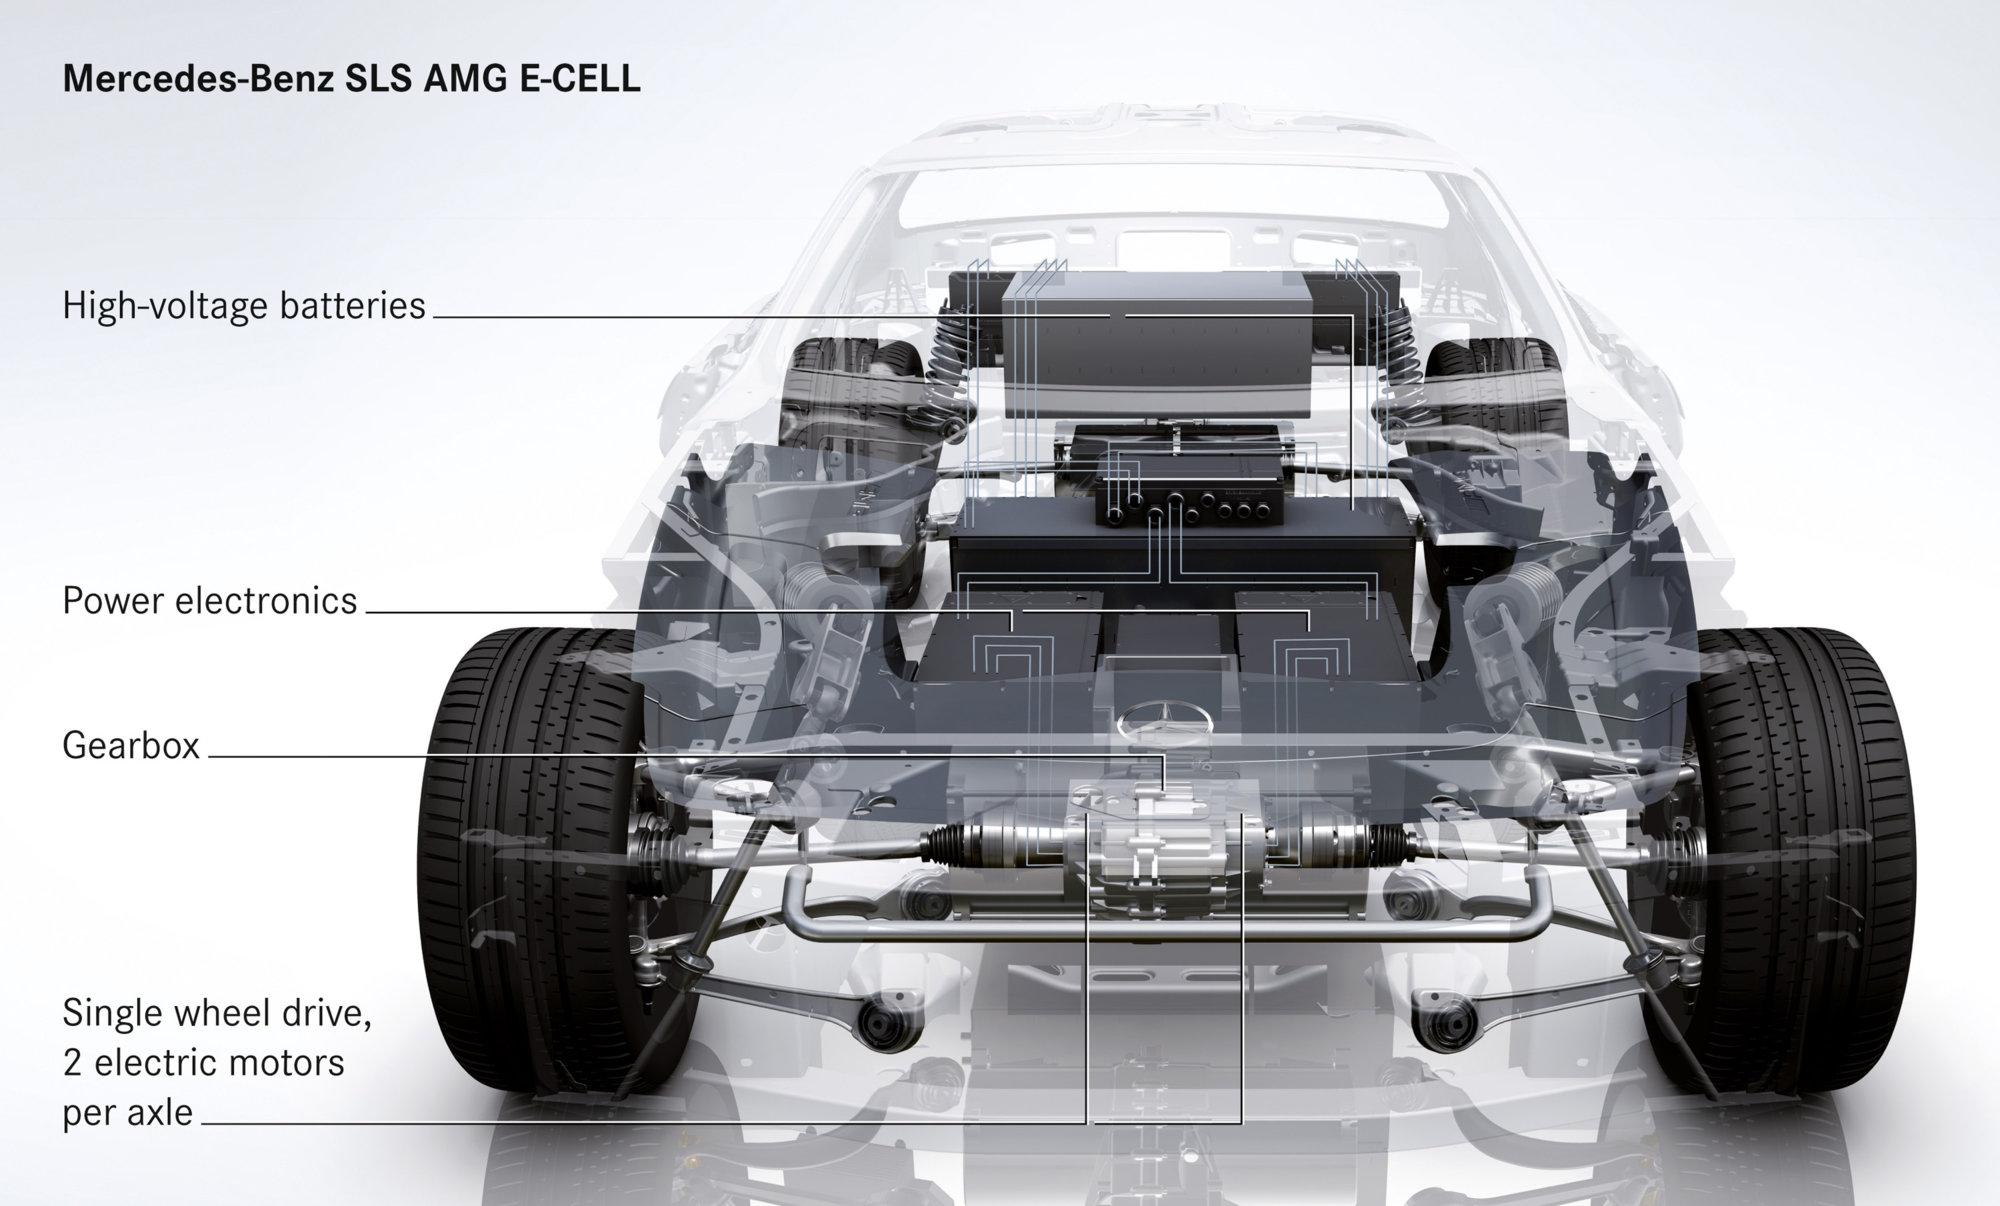 2015-mercedes-benz-sls-amg-e-cell-z.jpg